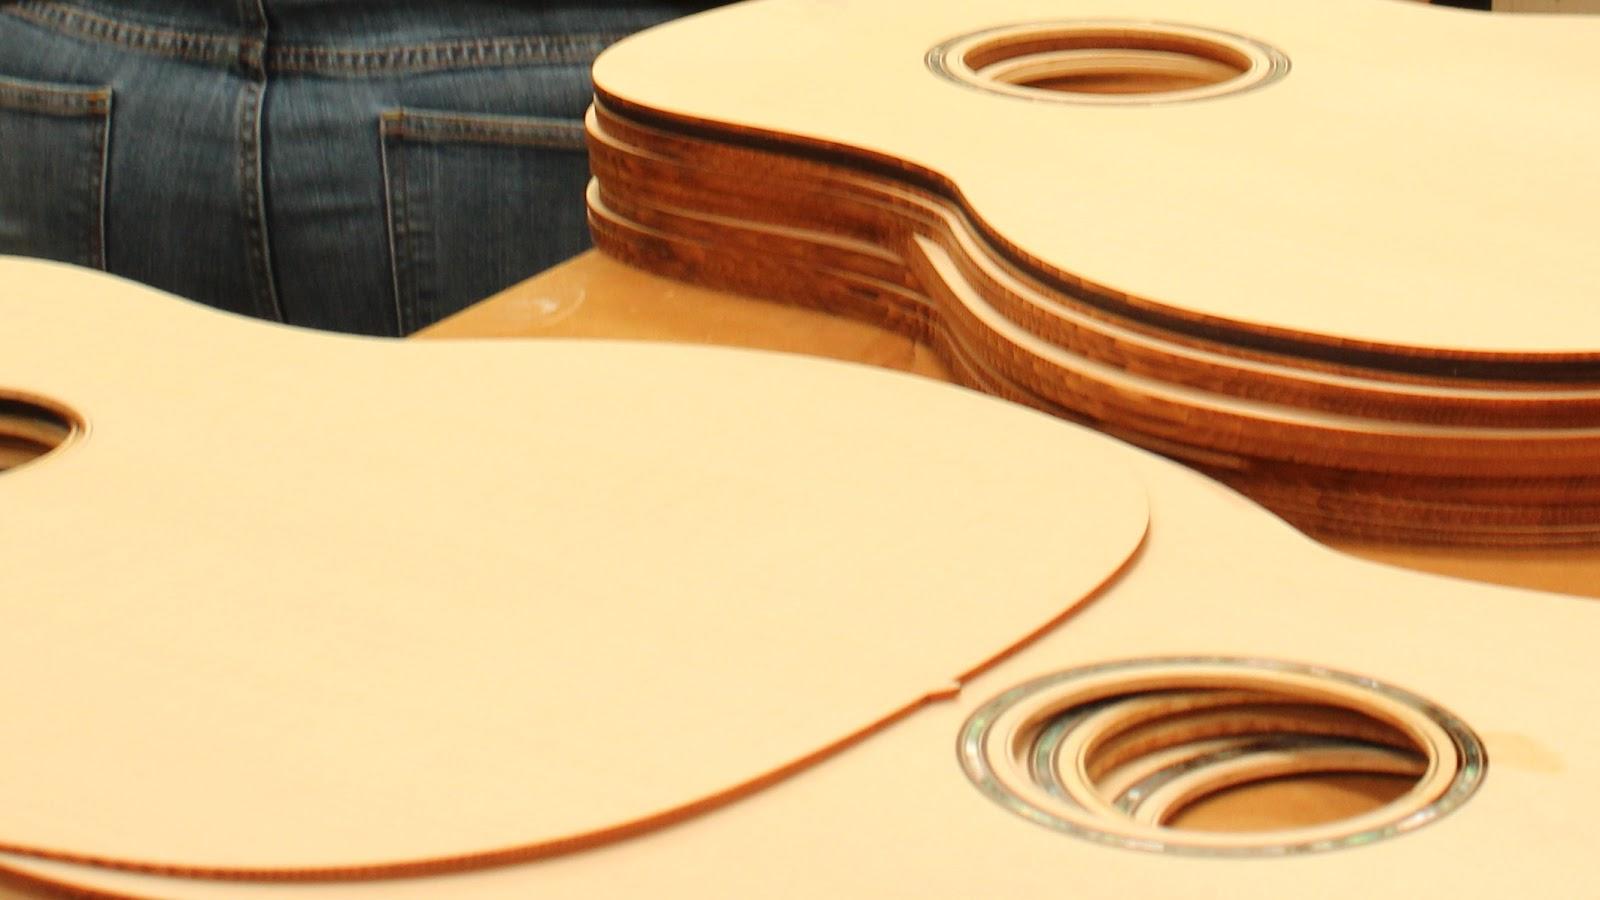 2014_06_23_San Diego_Taylor Guitars_1980 Gillespie Way, El Cajon, CA_D5__006_02.jpg